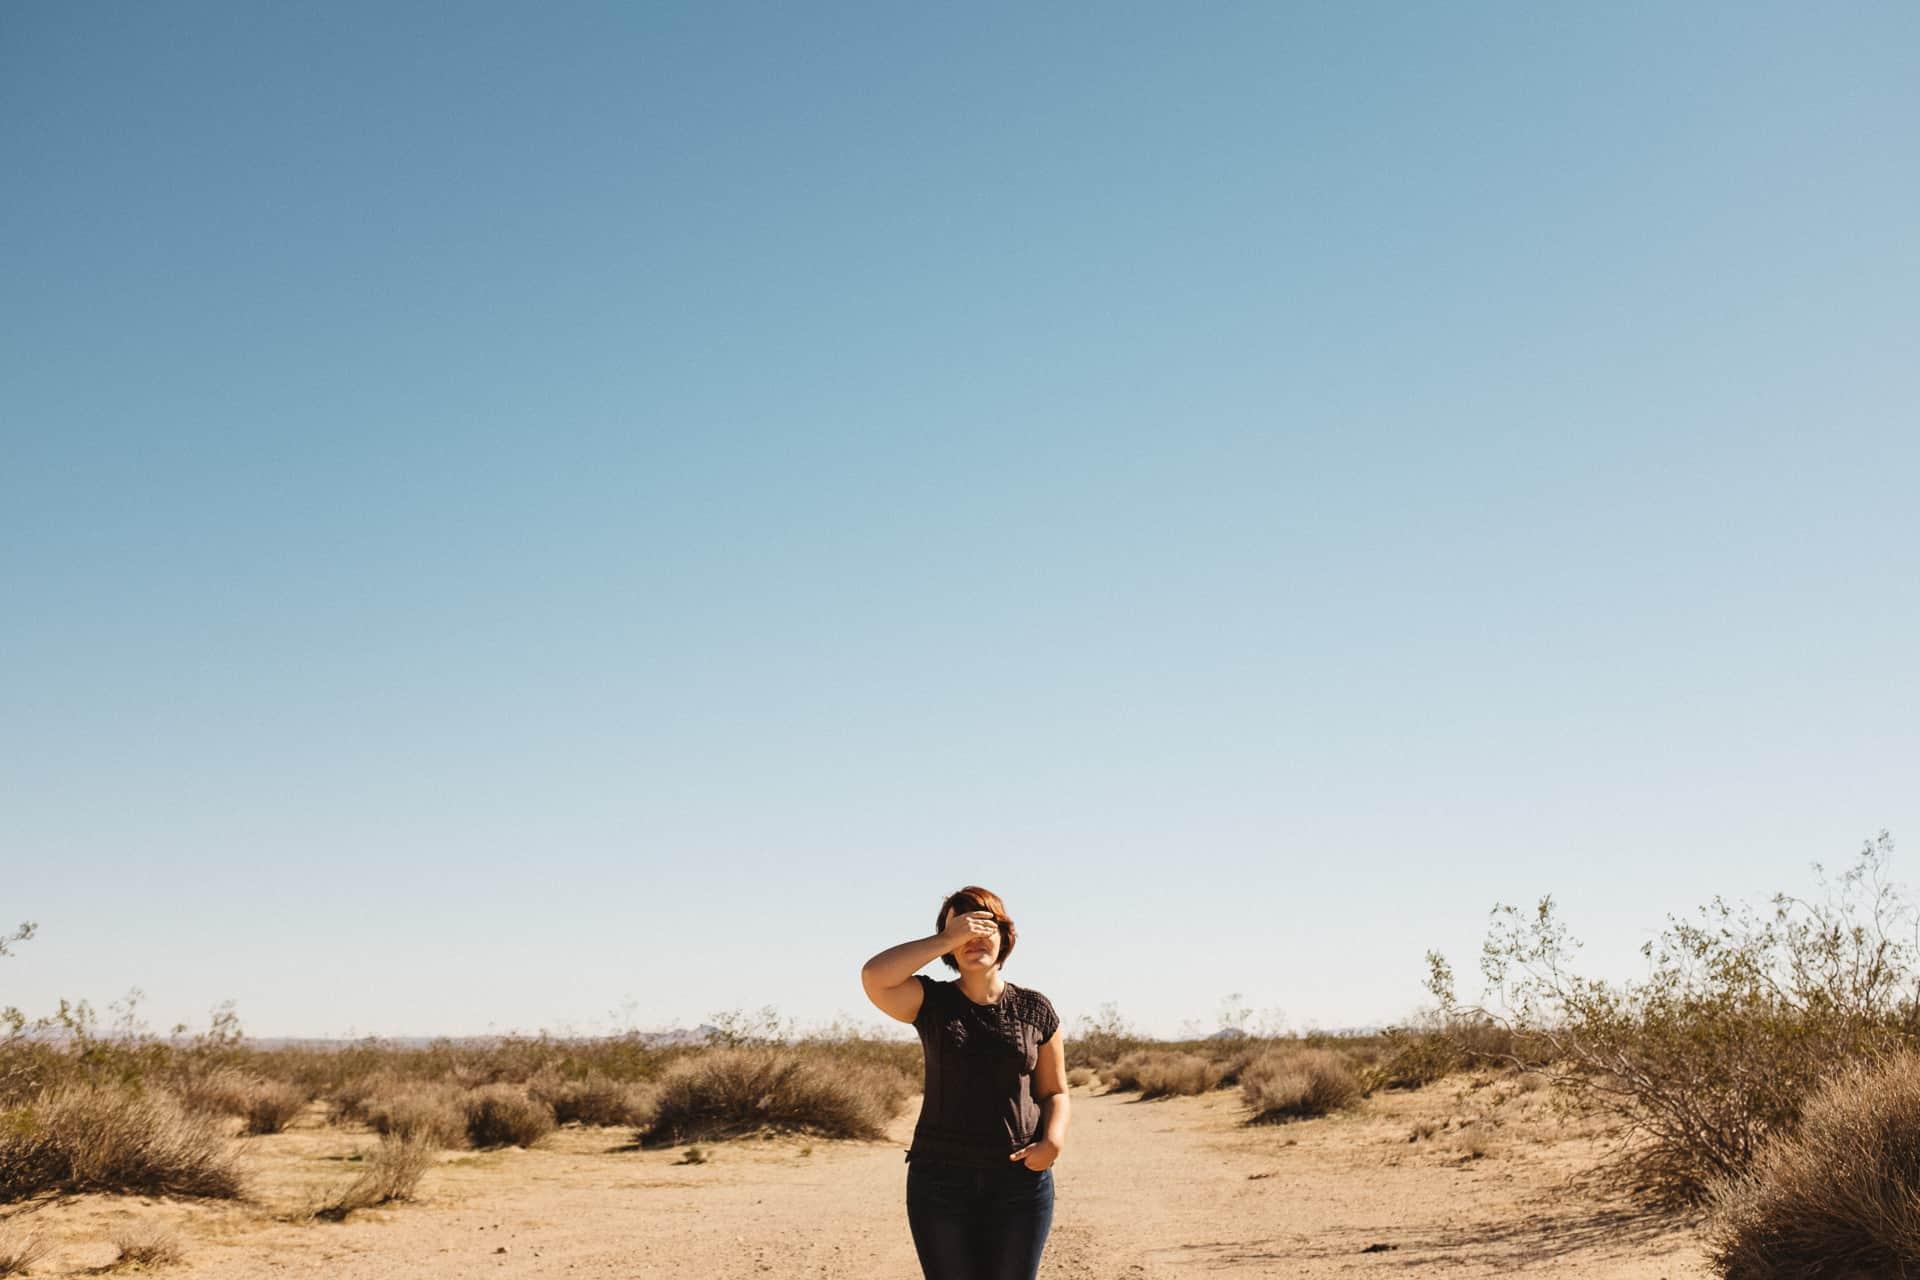 Mojave Desert portrait